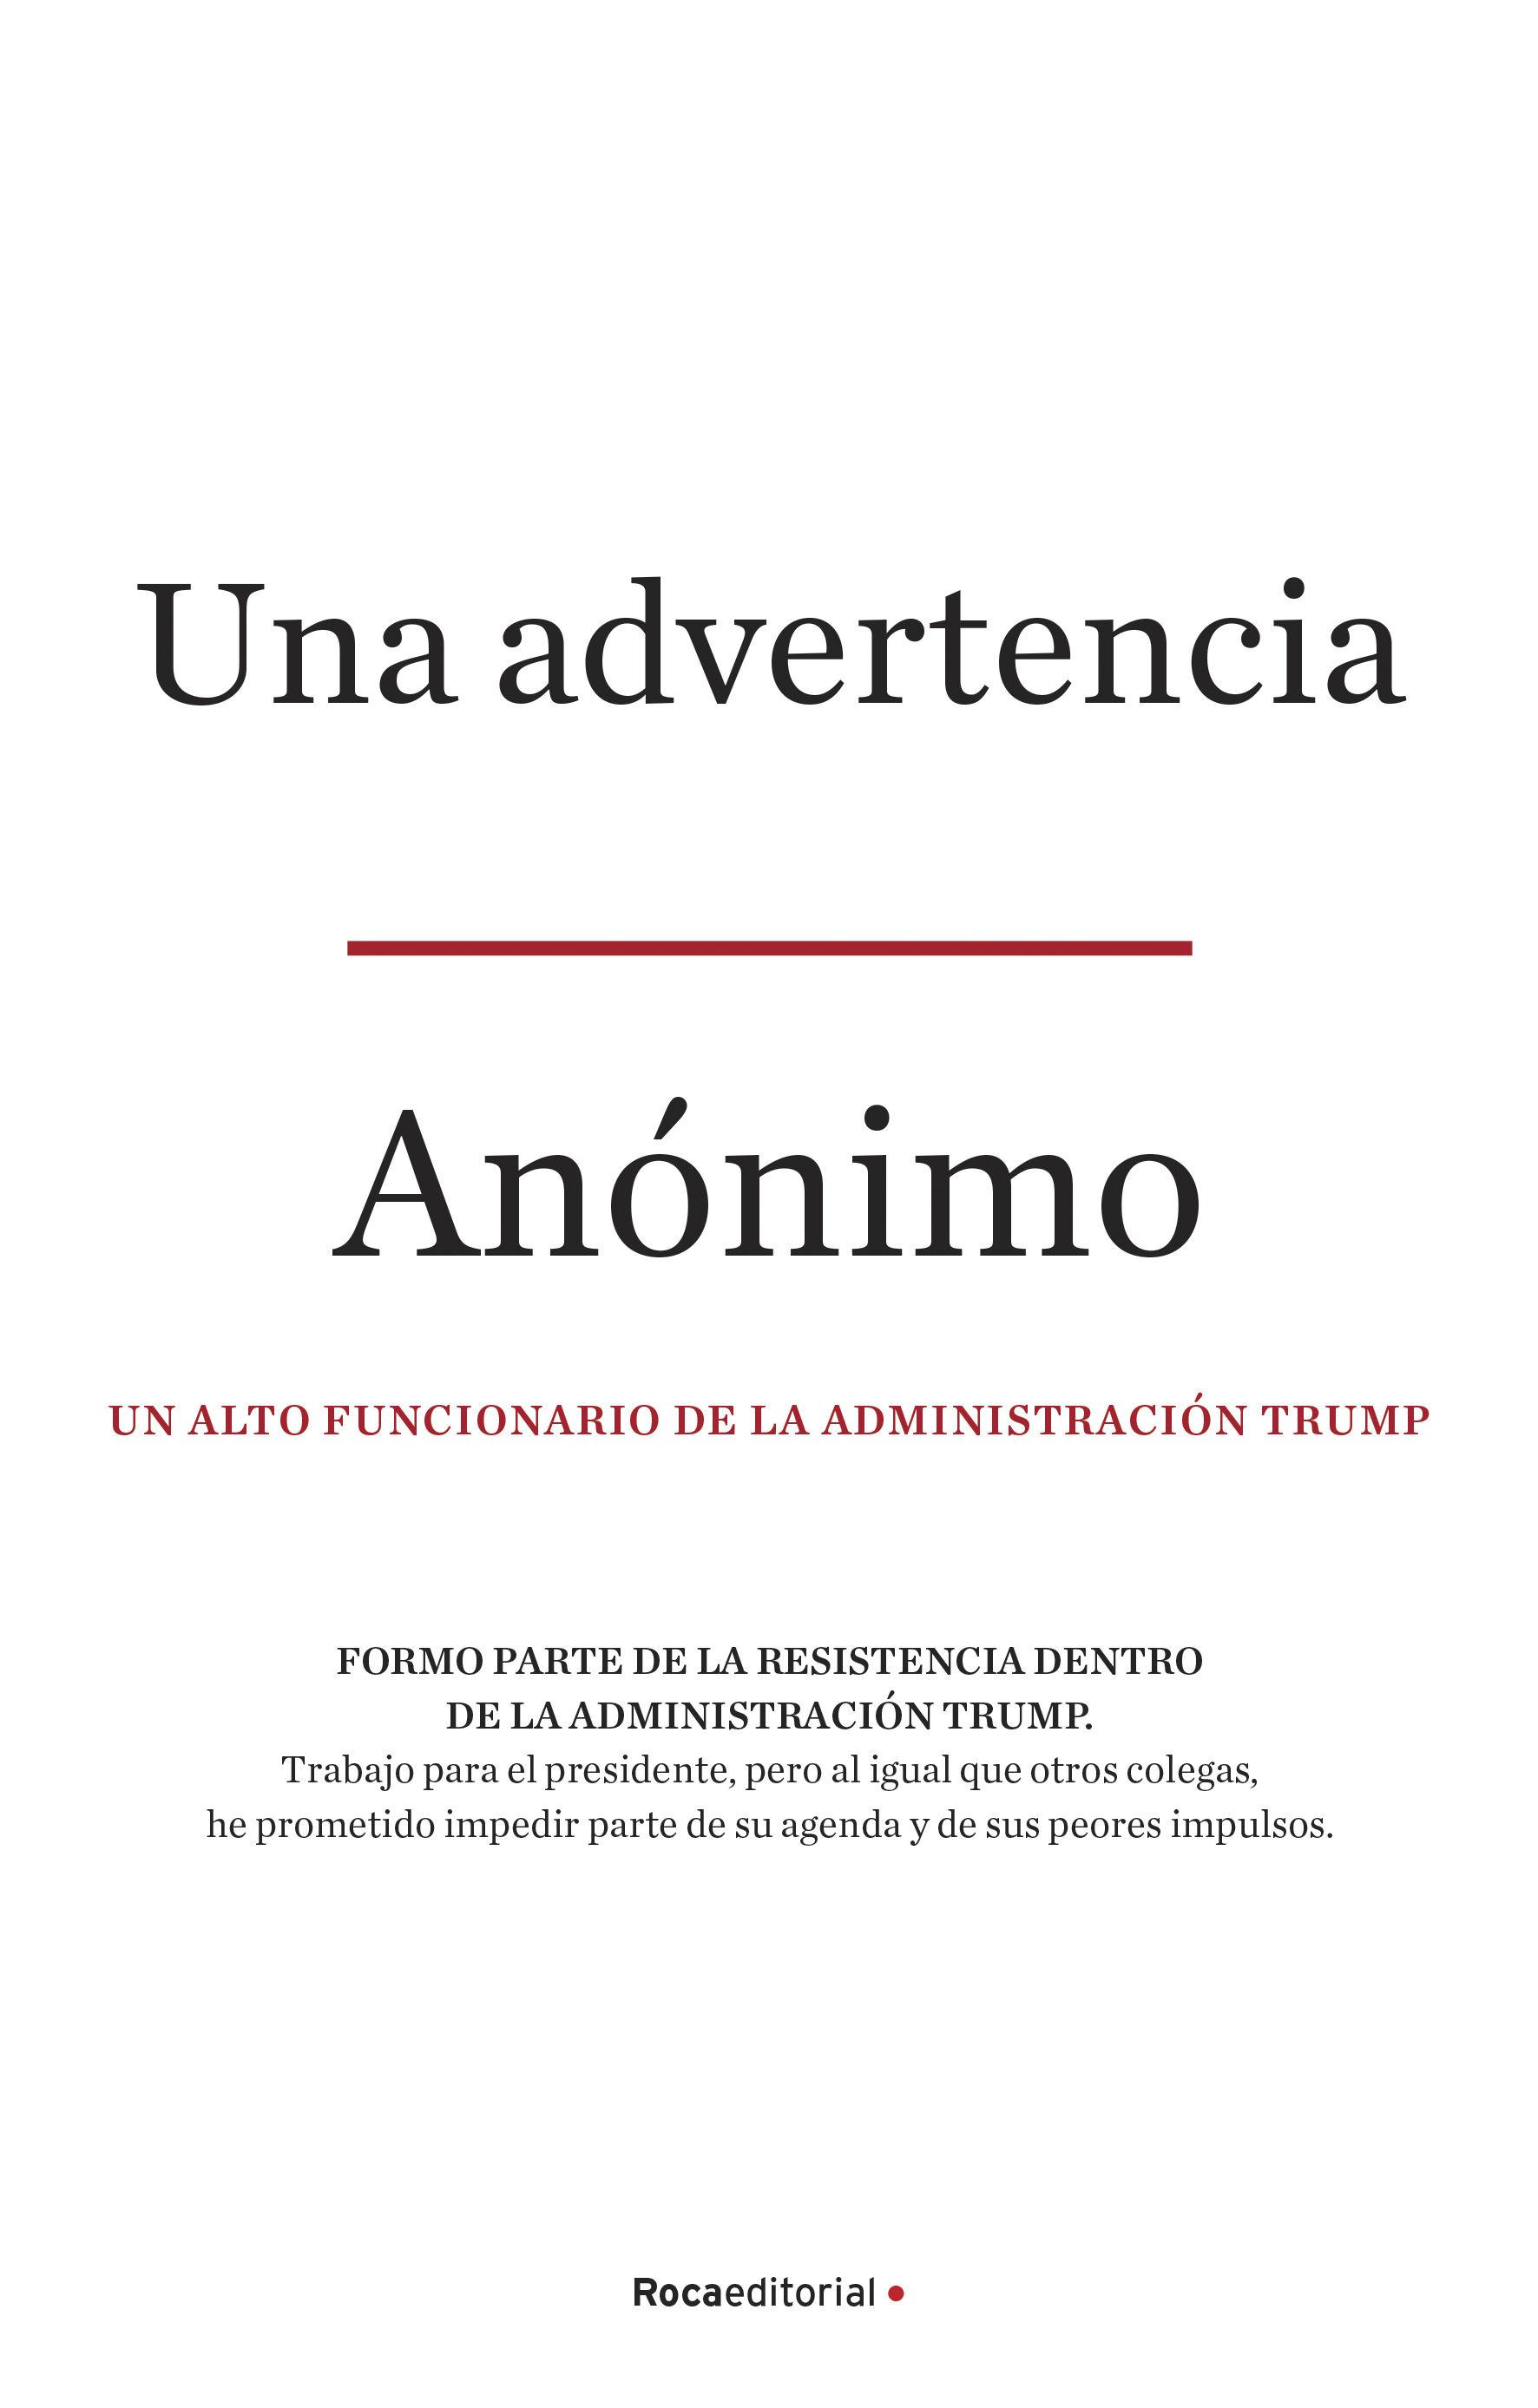 UNA ADVERTENCIA (A WARNING)